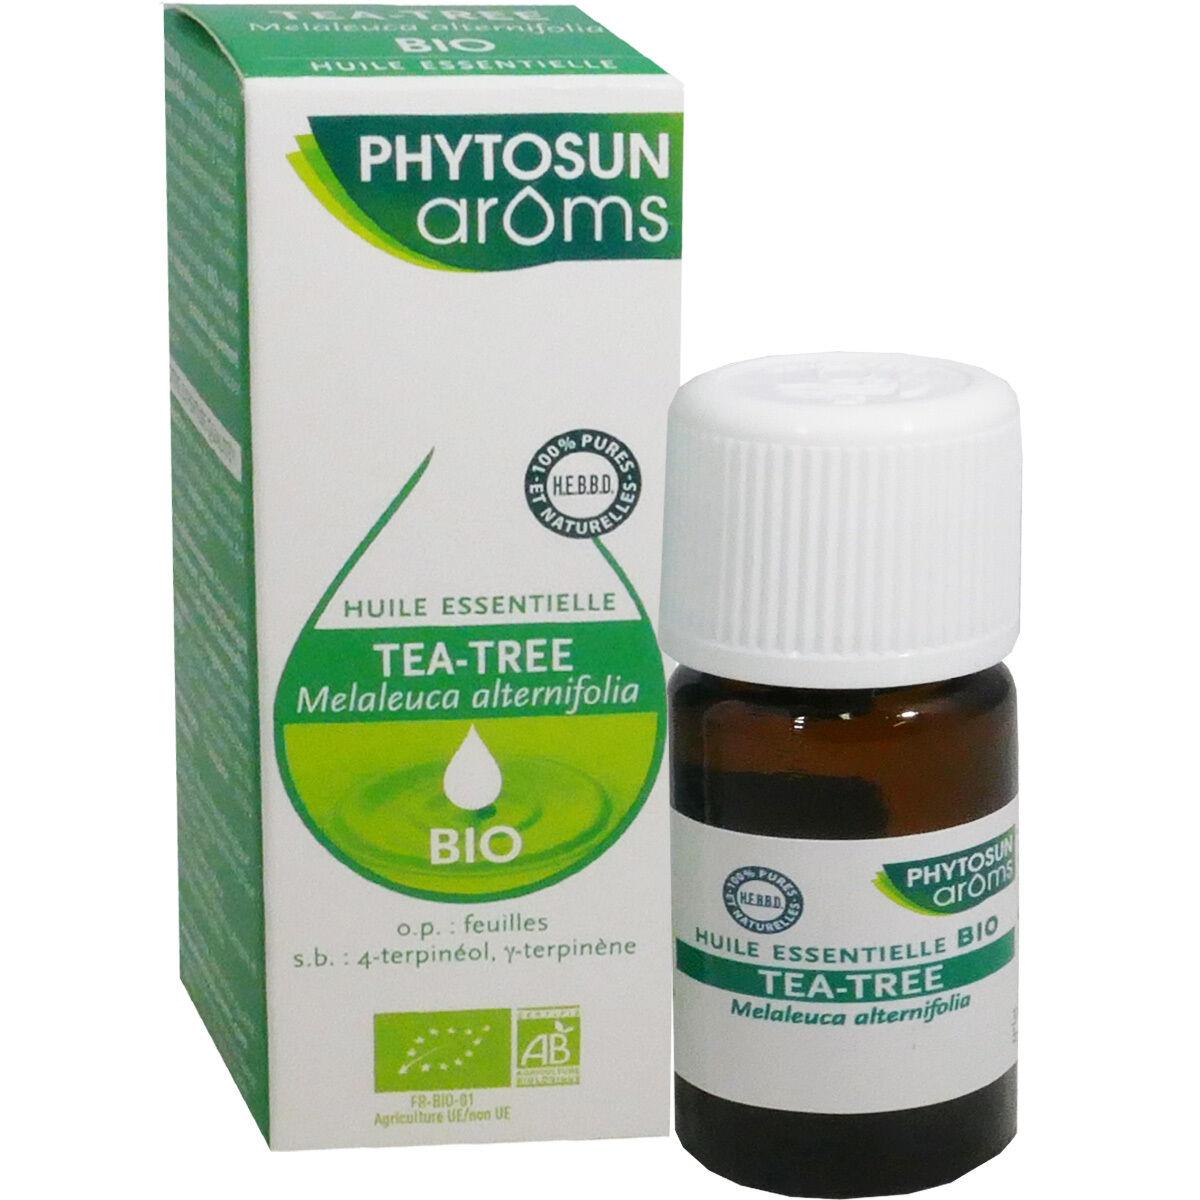 PHYTOSUN AROMS Phytosunaroms tea tree bio 10 ml